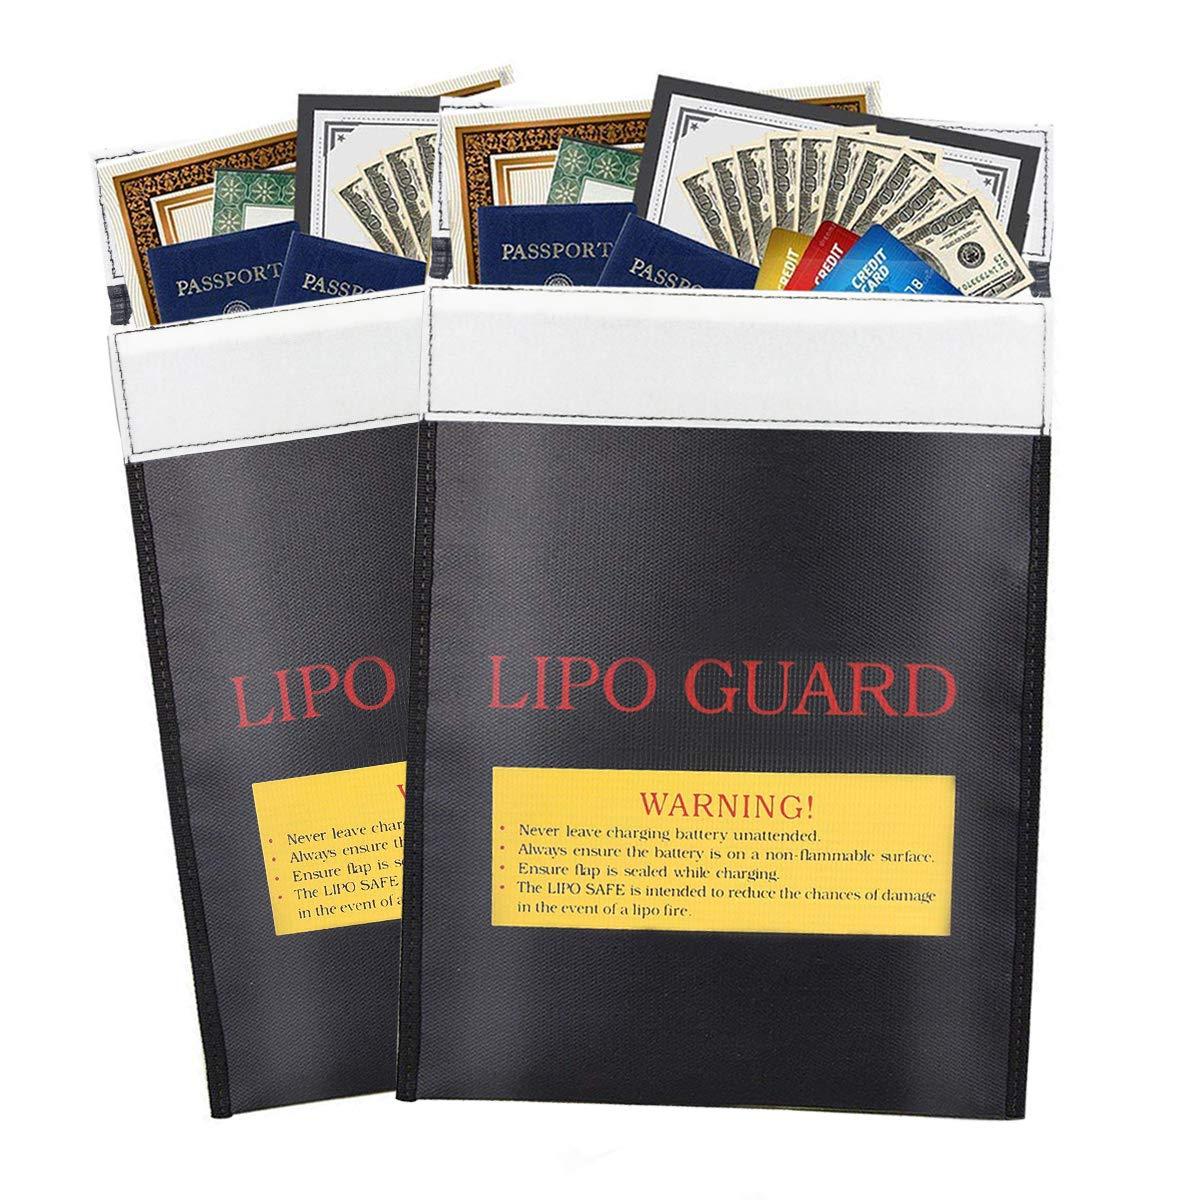 Borsa portadocumenti, ignifugo LiPo batteria Antideflagrante Storage guardia della ricarica della borsa per contanti soldi di gioielli documenti passaporto nero (2 pacchi) Wheyee